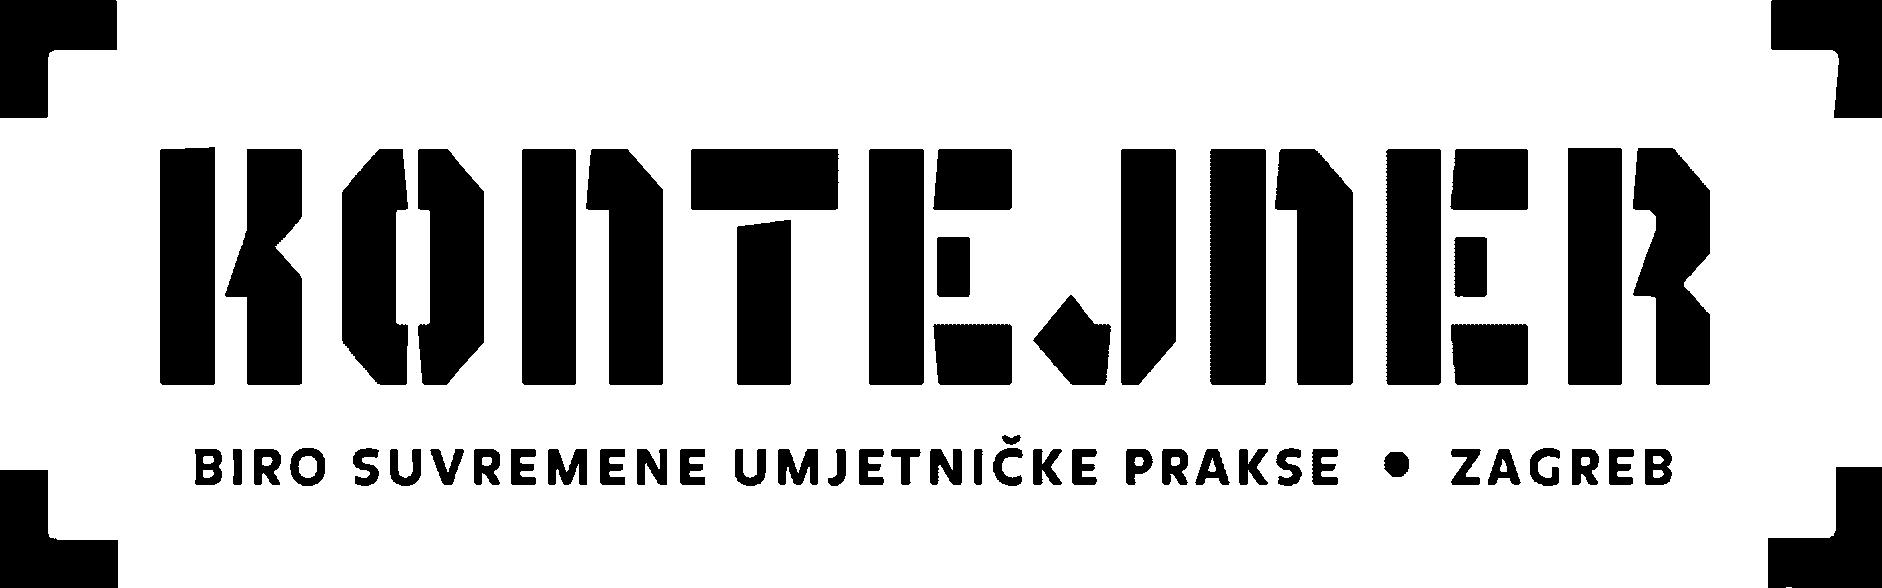 kontejner_logo.jpg